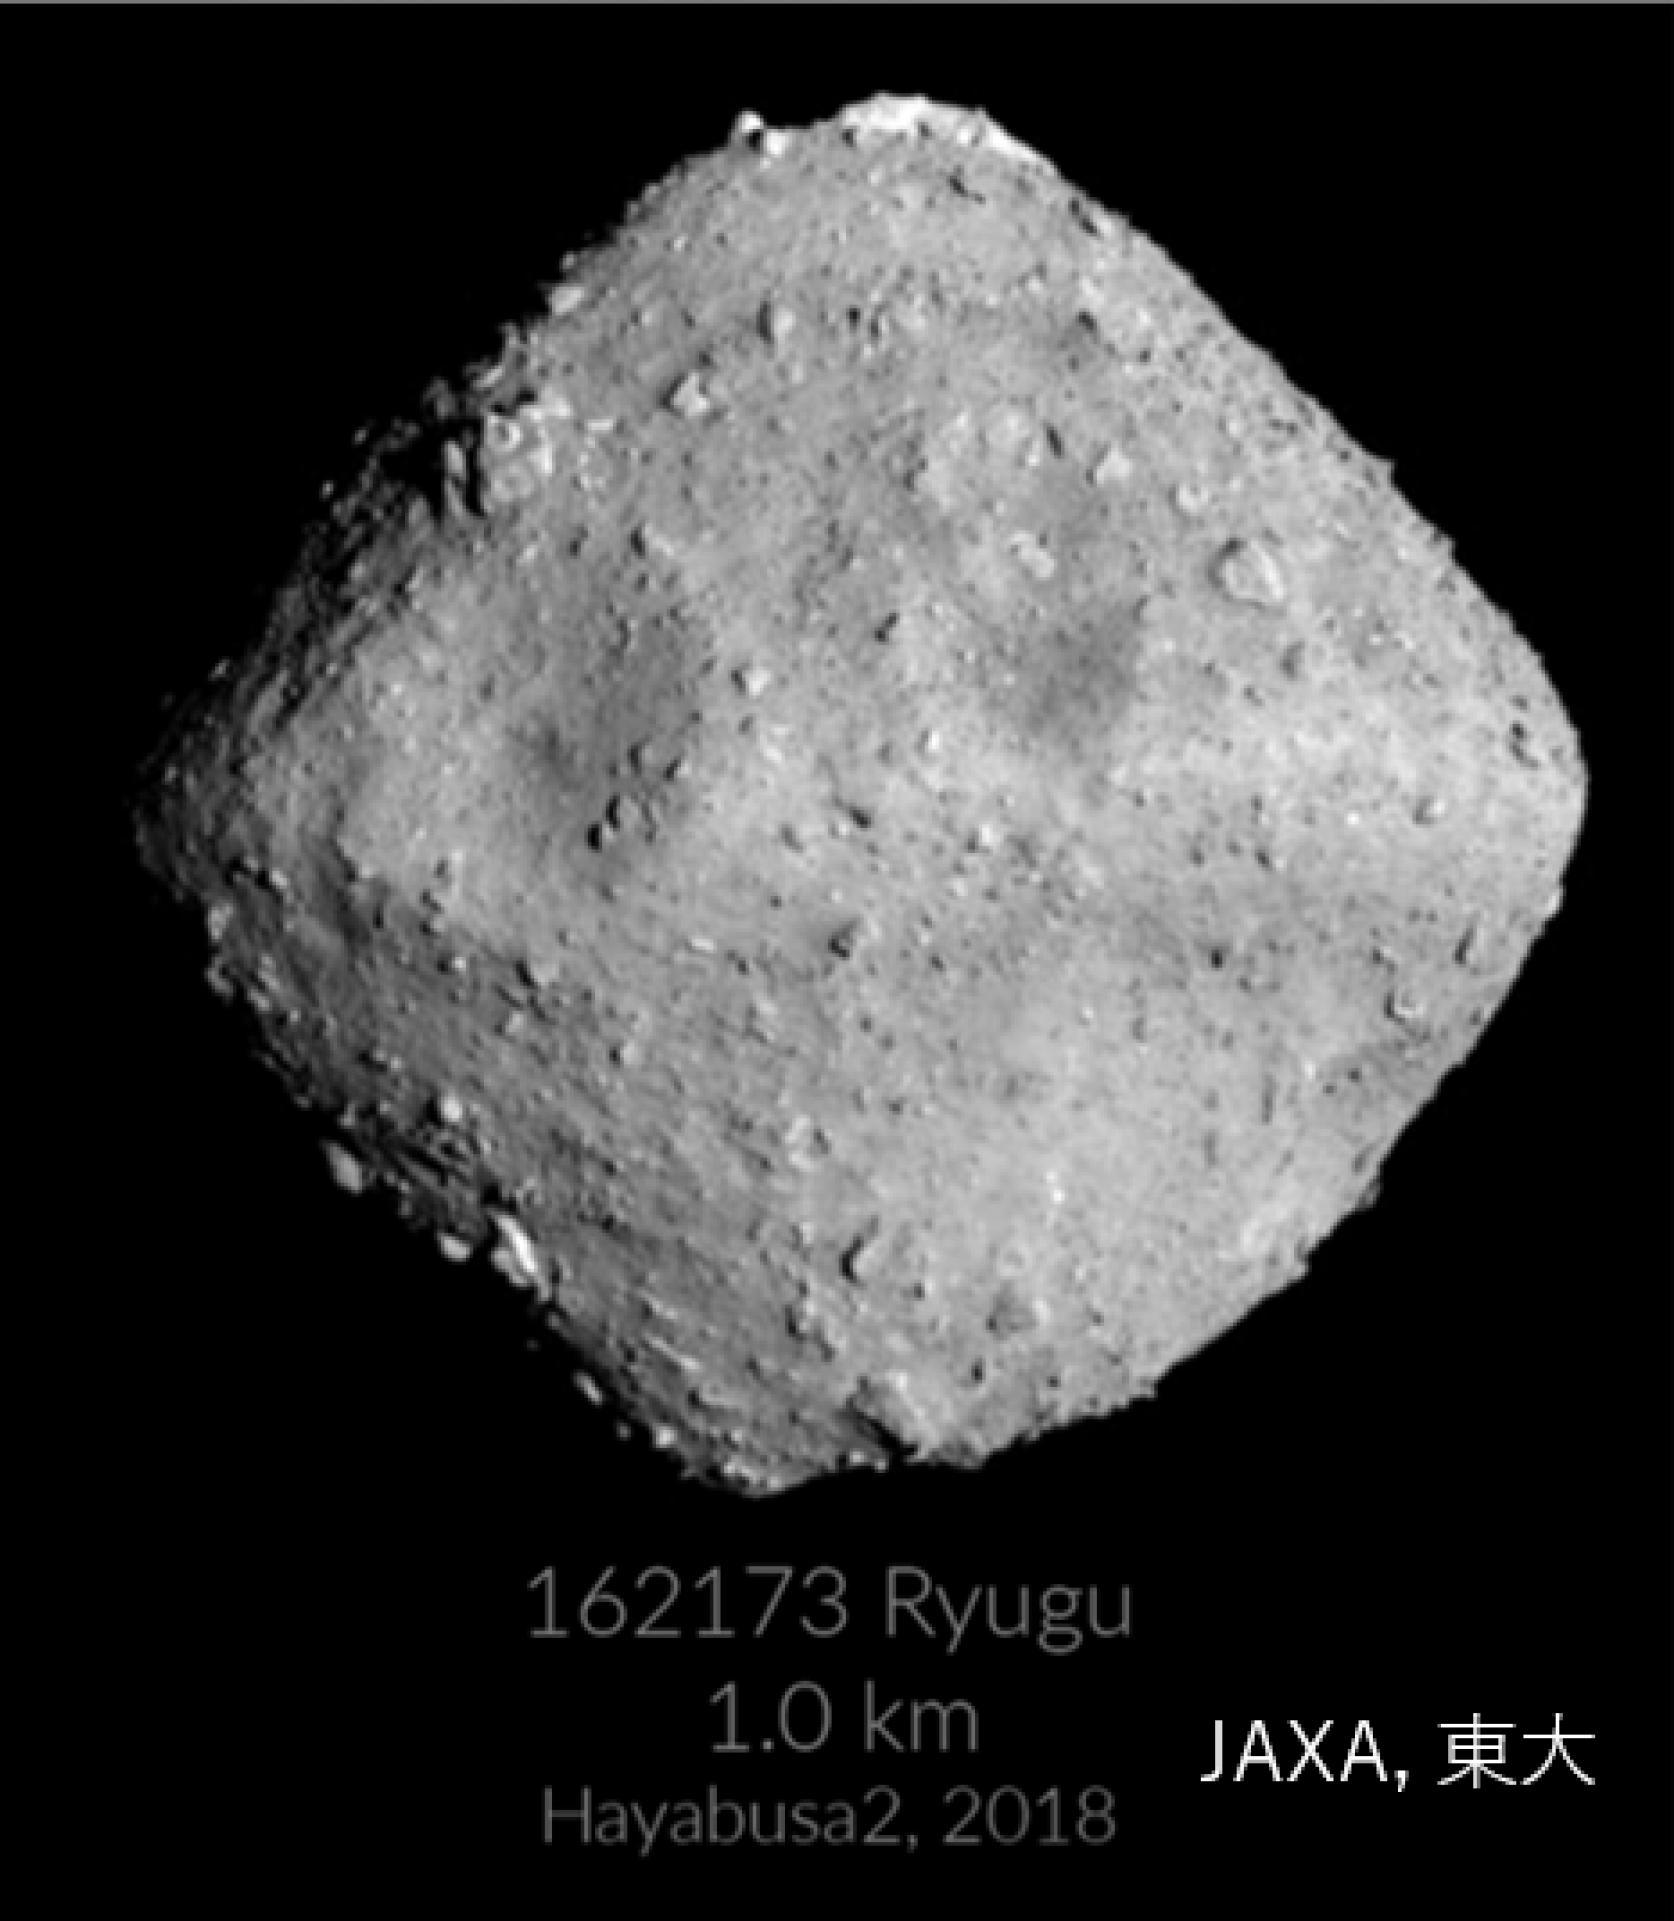 11月24日(土) に、日本大学理工学部出身の天文学者による 天文宇宙科学最前線セミナー を開催します。